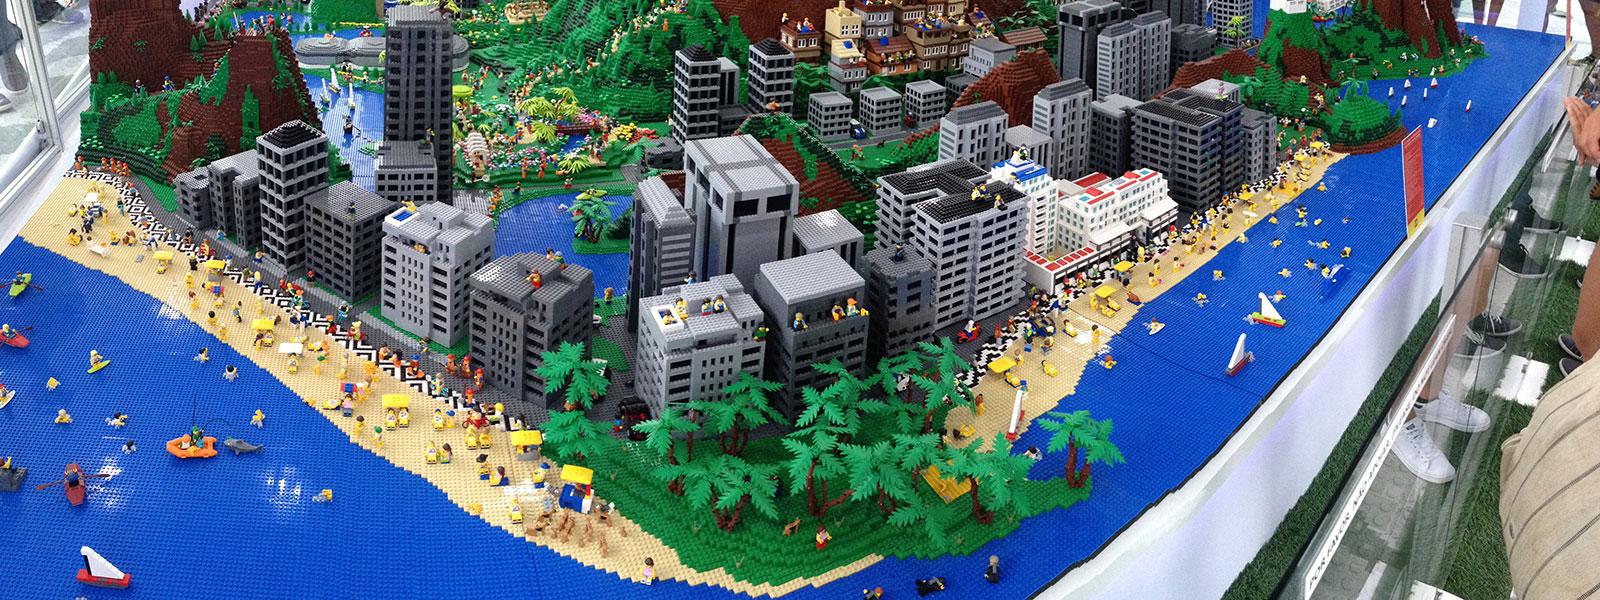 Lego Rio